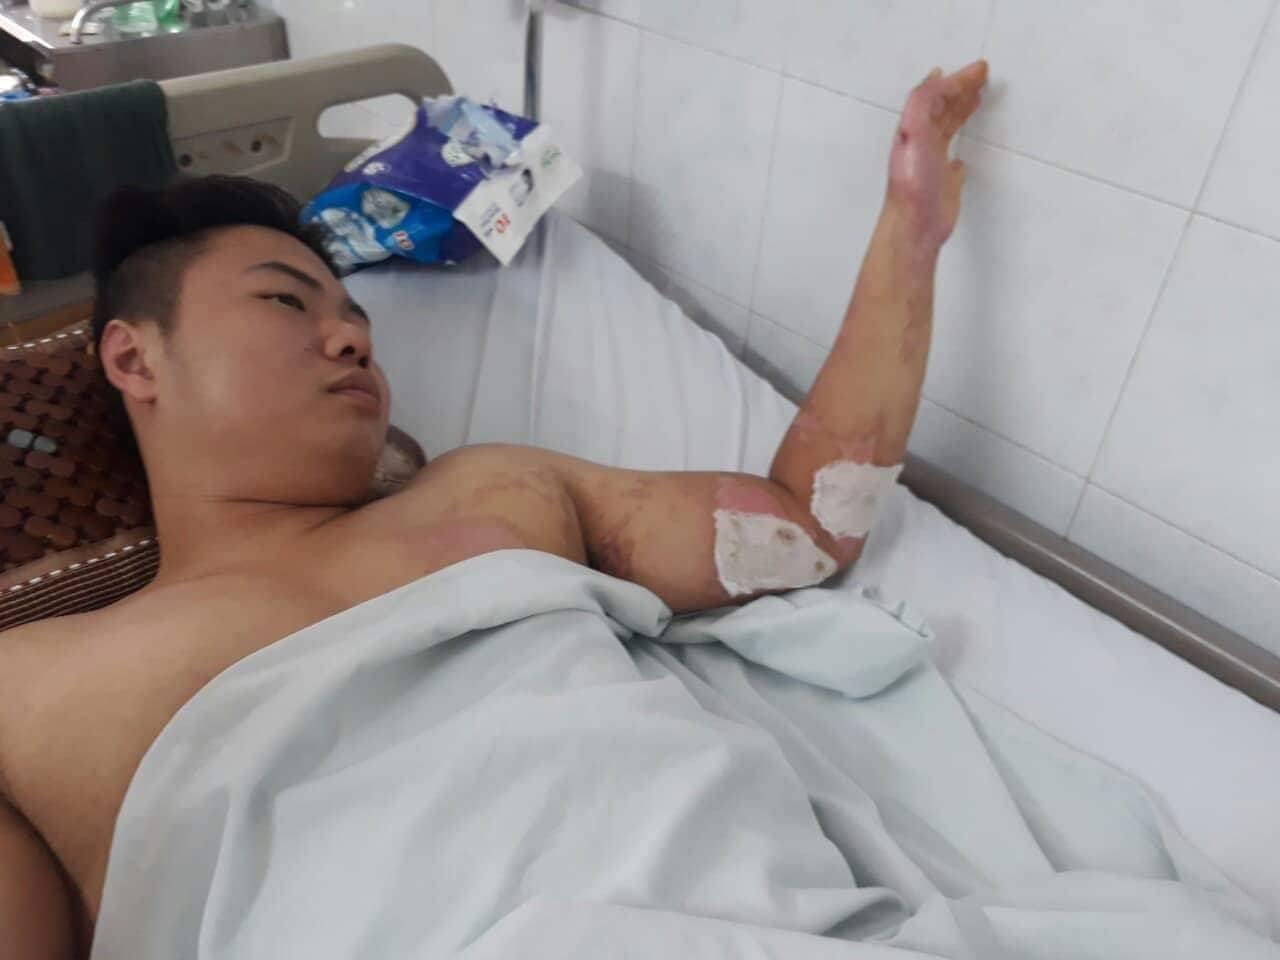 Hành trình phục hồi từ cơ thể bị bỏng nặng 40% đến body cơ bắp khỏe mạnh của chàng trai Thái Nguyên - Ảnh 4.